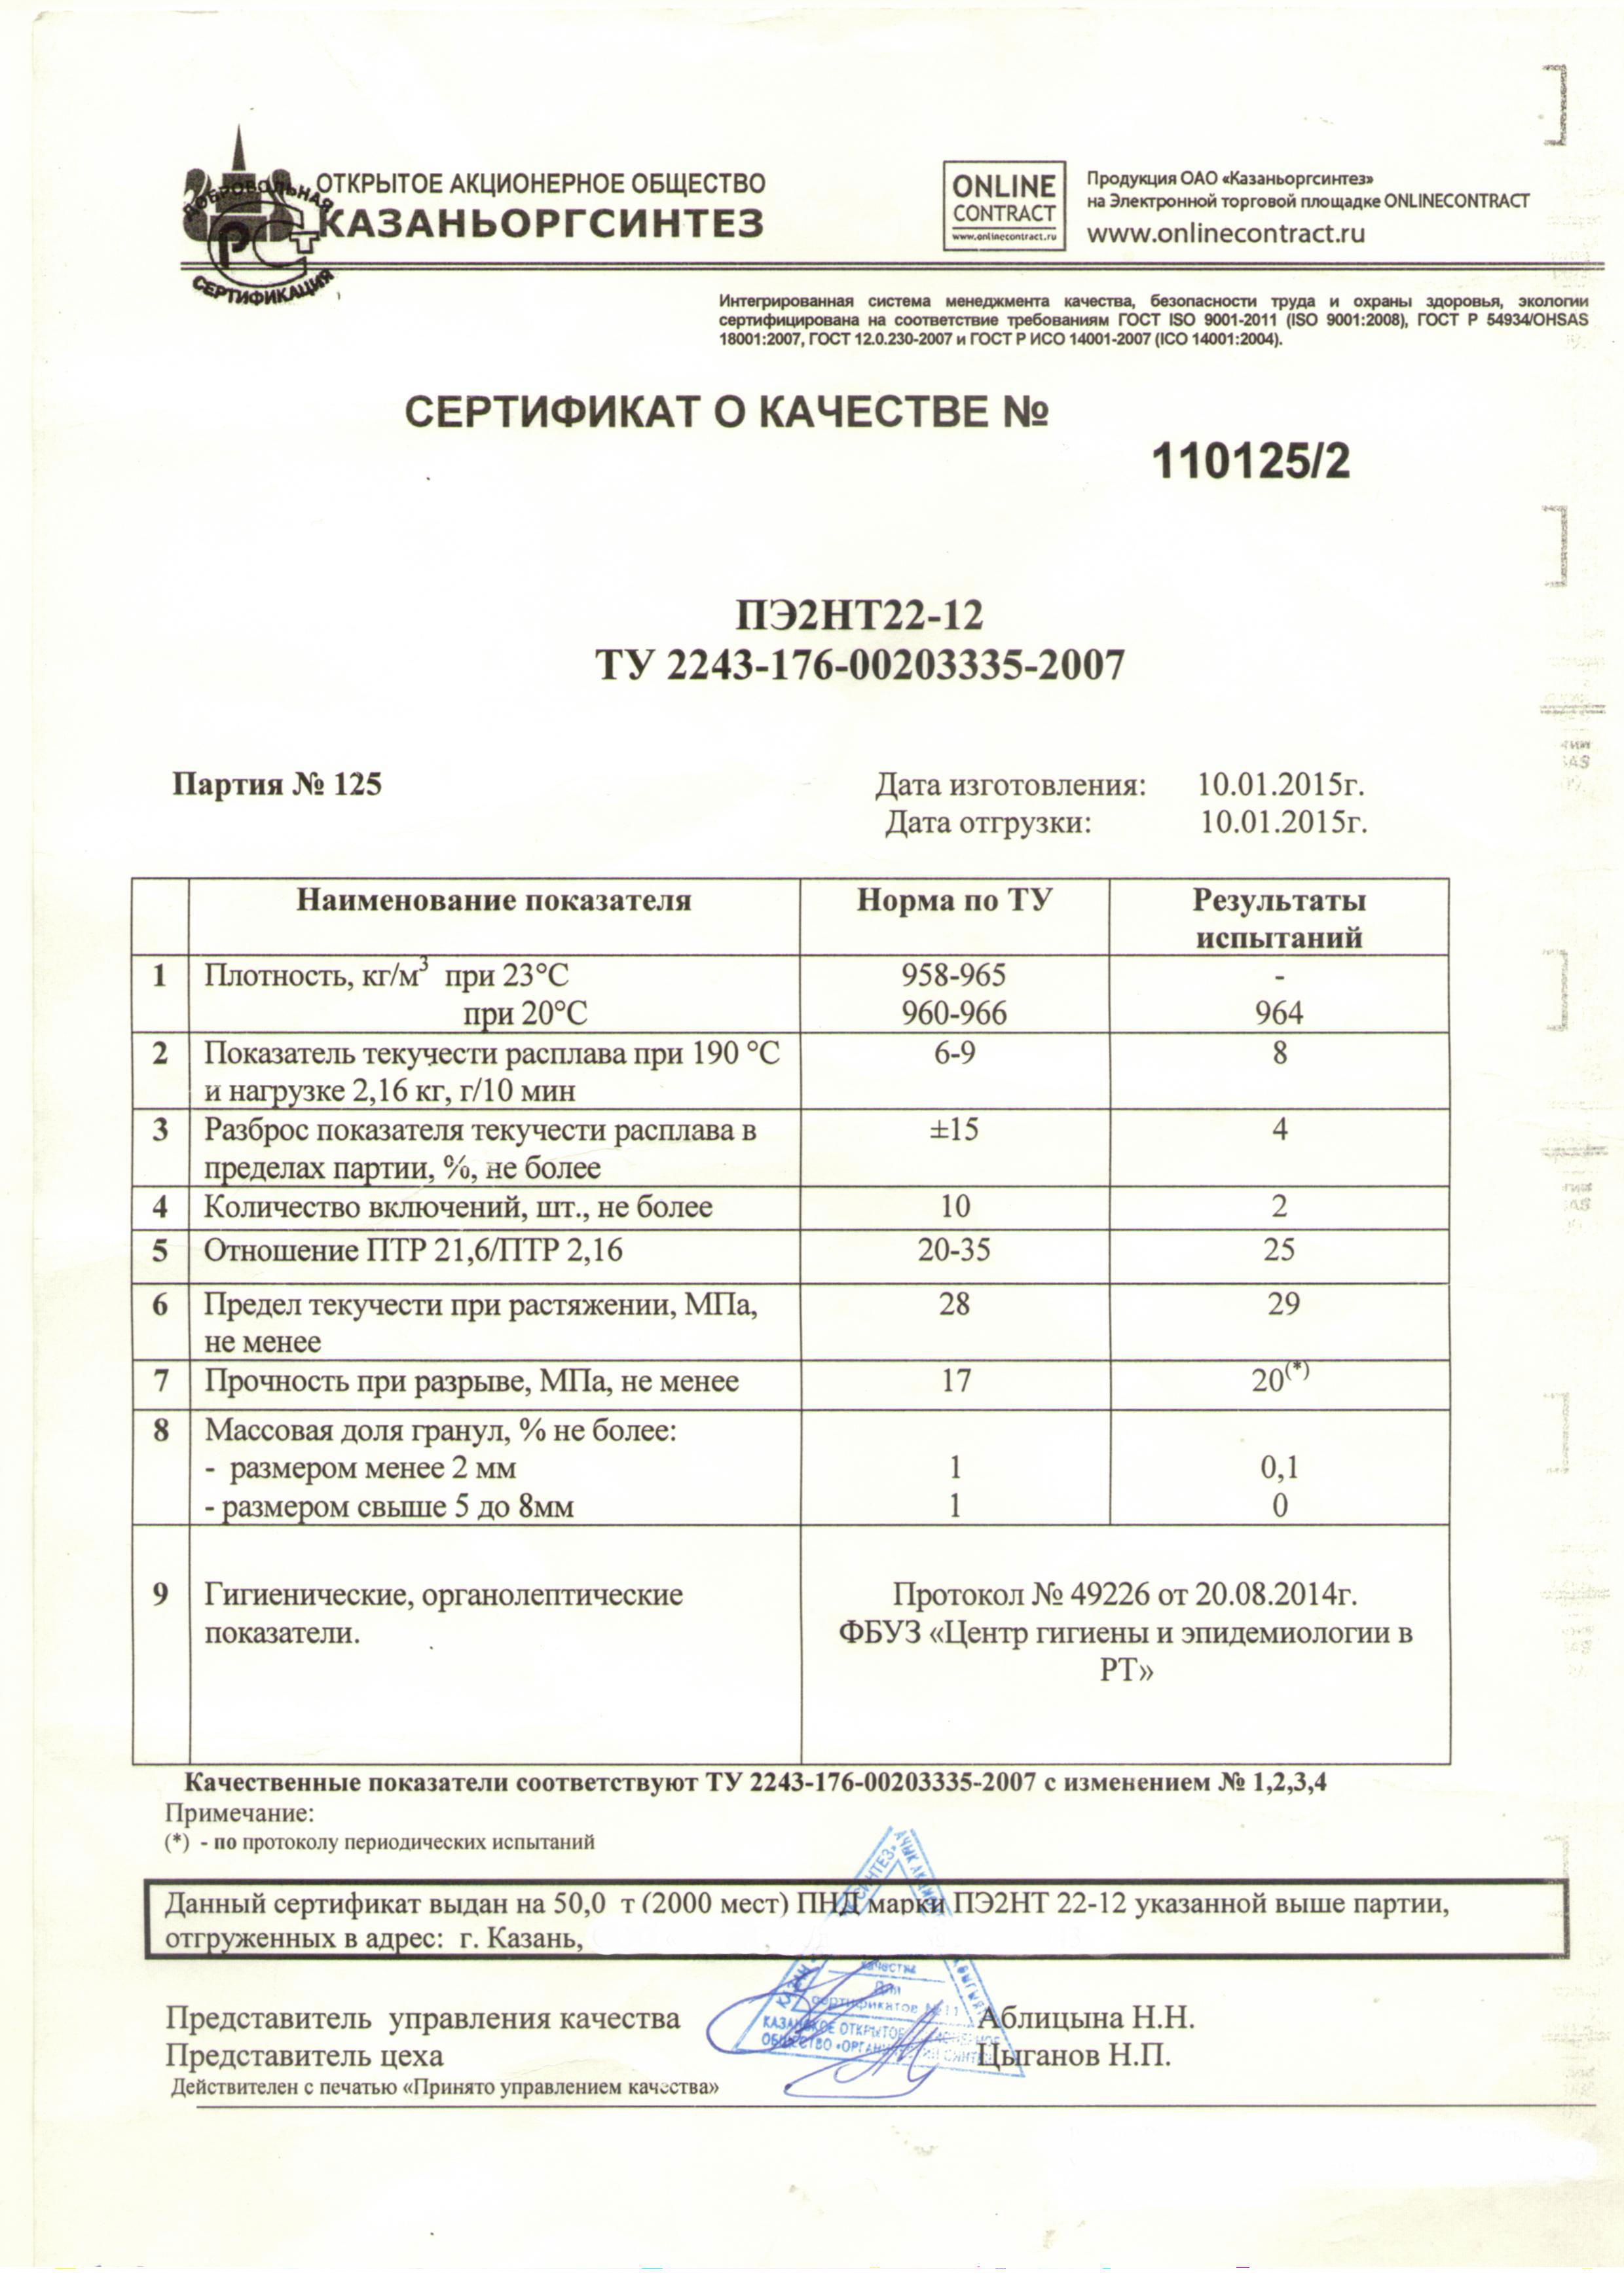 Полиэтилен ПЭ2НТ22-12